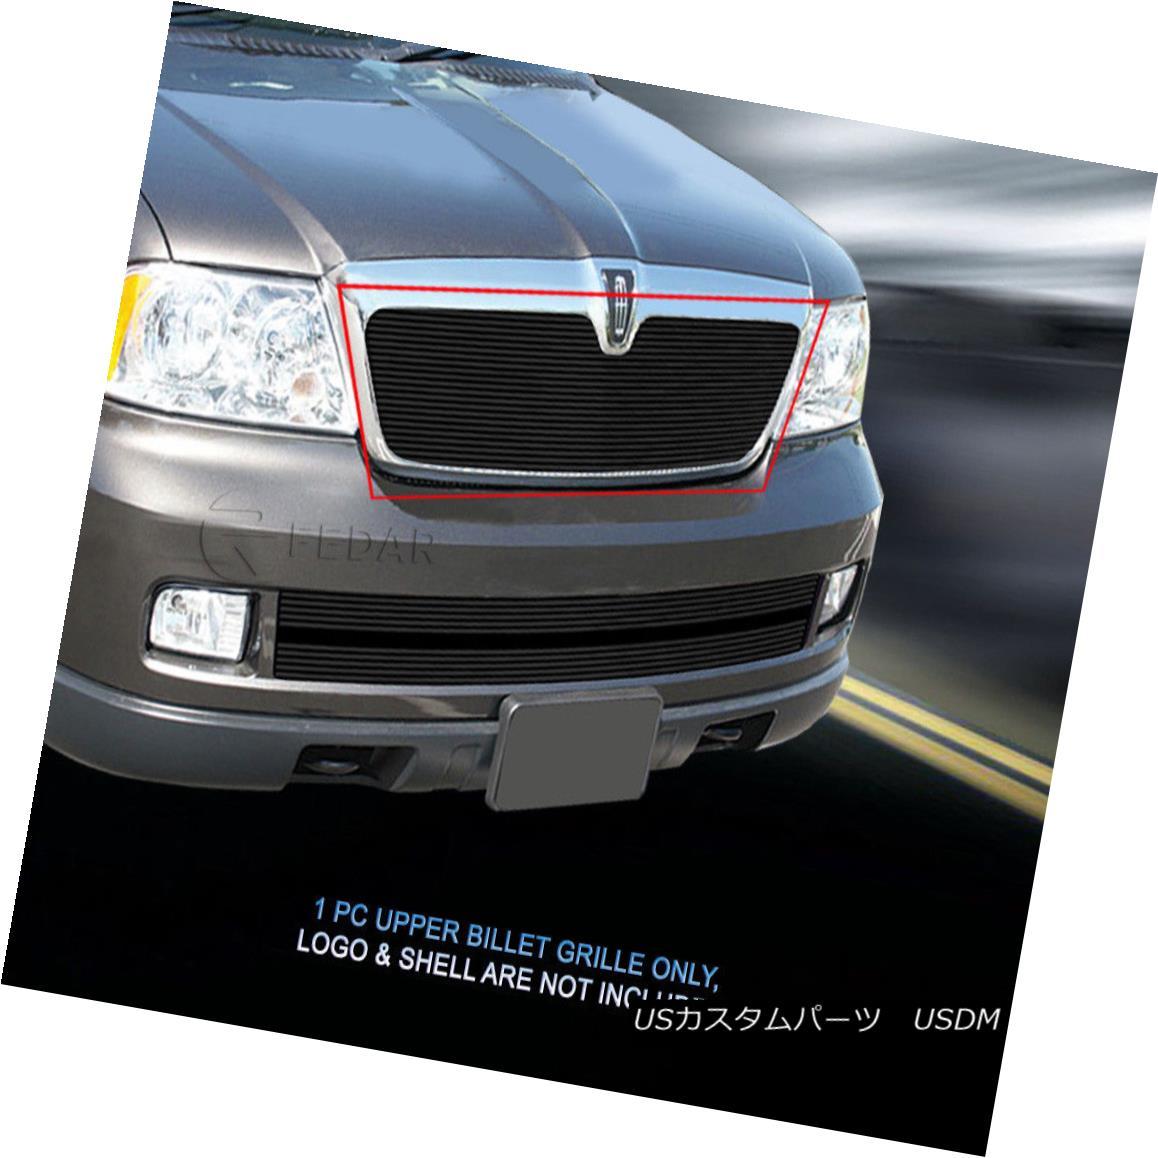 グリル 03-06 Lincoln Navigator Black Billet Grille Grill Upper Insert Fedar 03-06リンカーンナビゲーターブラックビレットグリルグリルアッパーインサートフェルダー